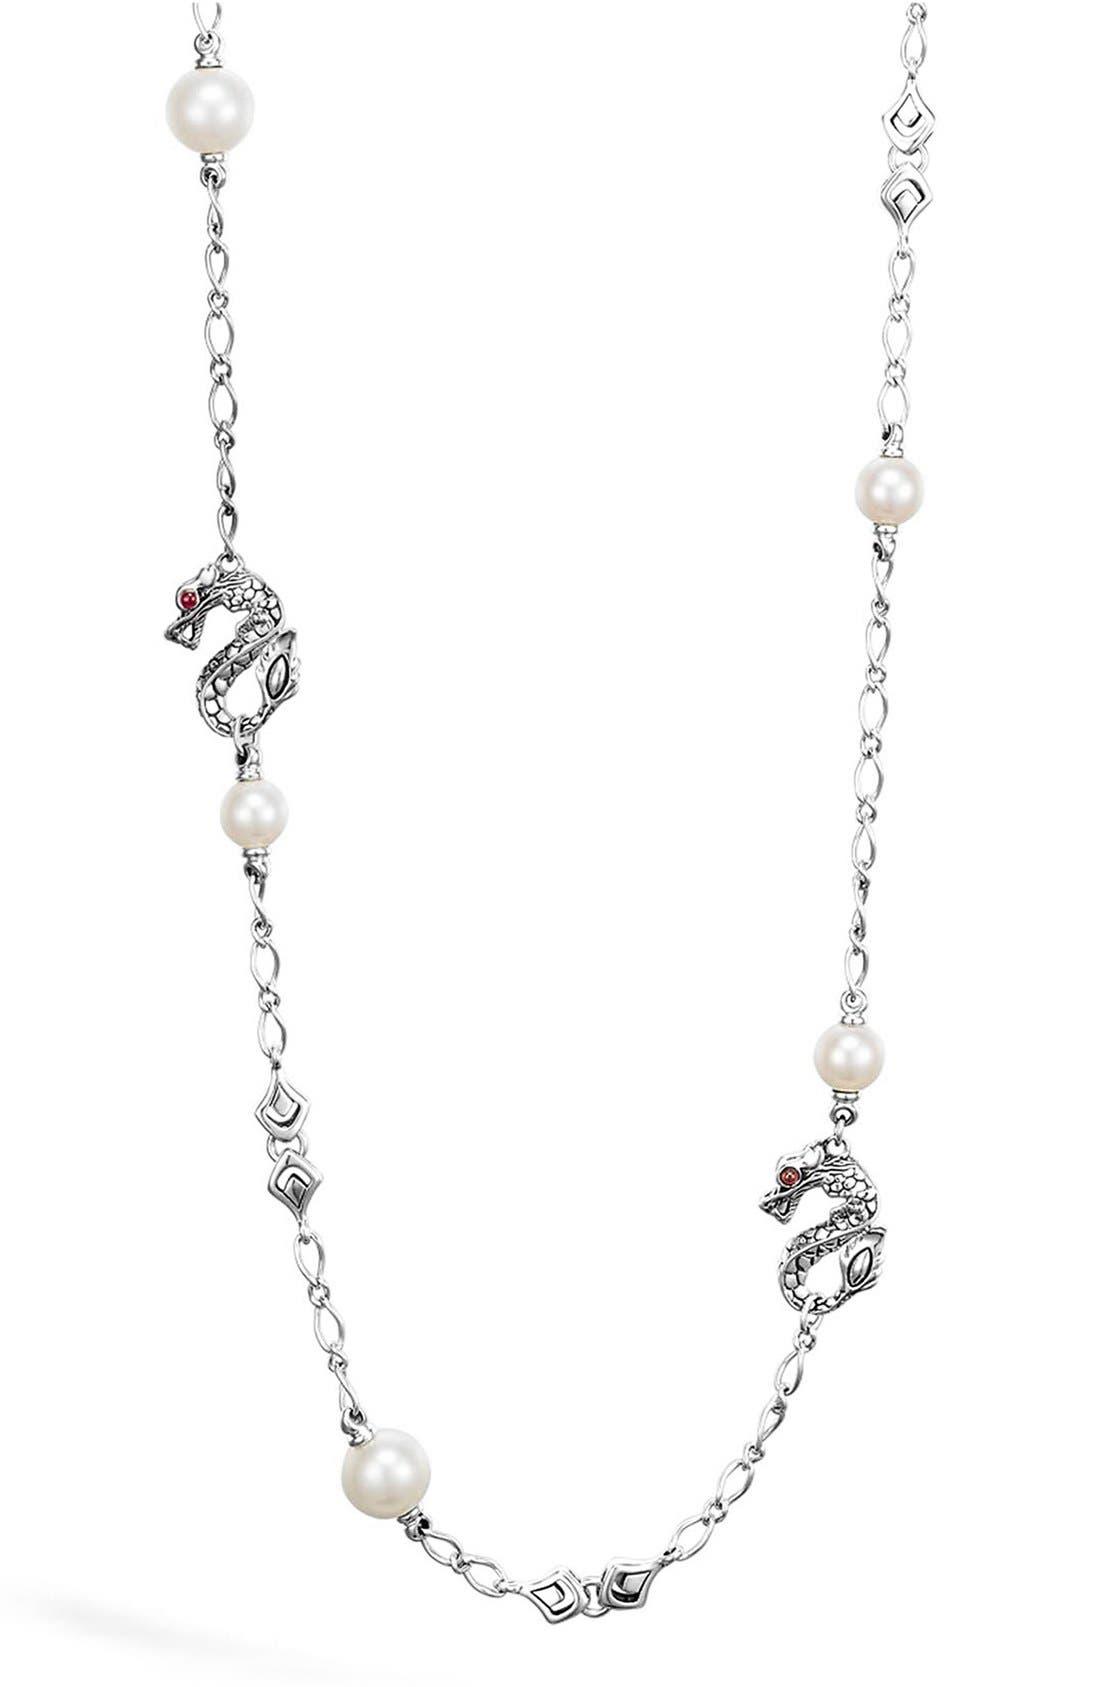 'Naga' Dragon & Pearl Station Necklace,                             Main thumbnail 1, color,                             040